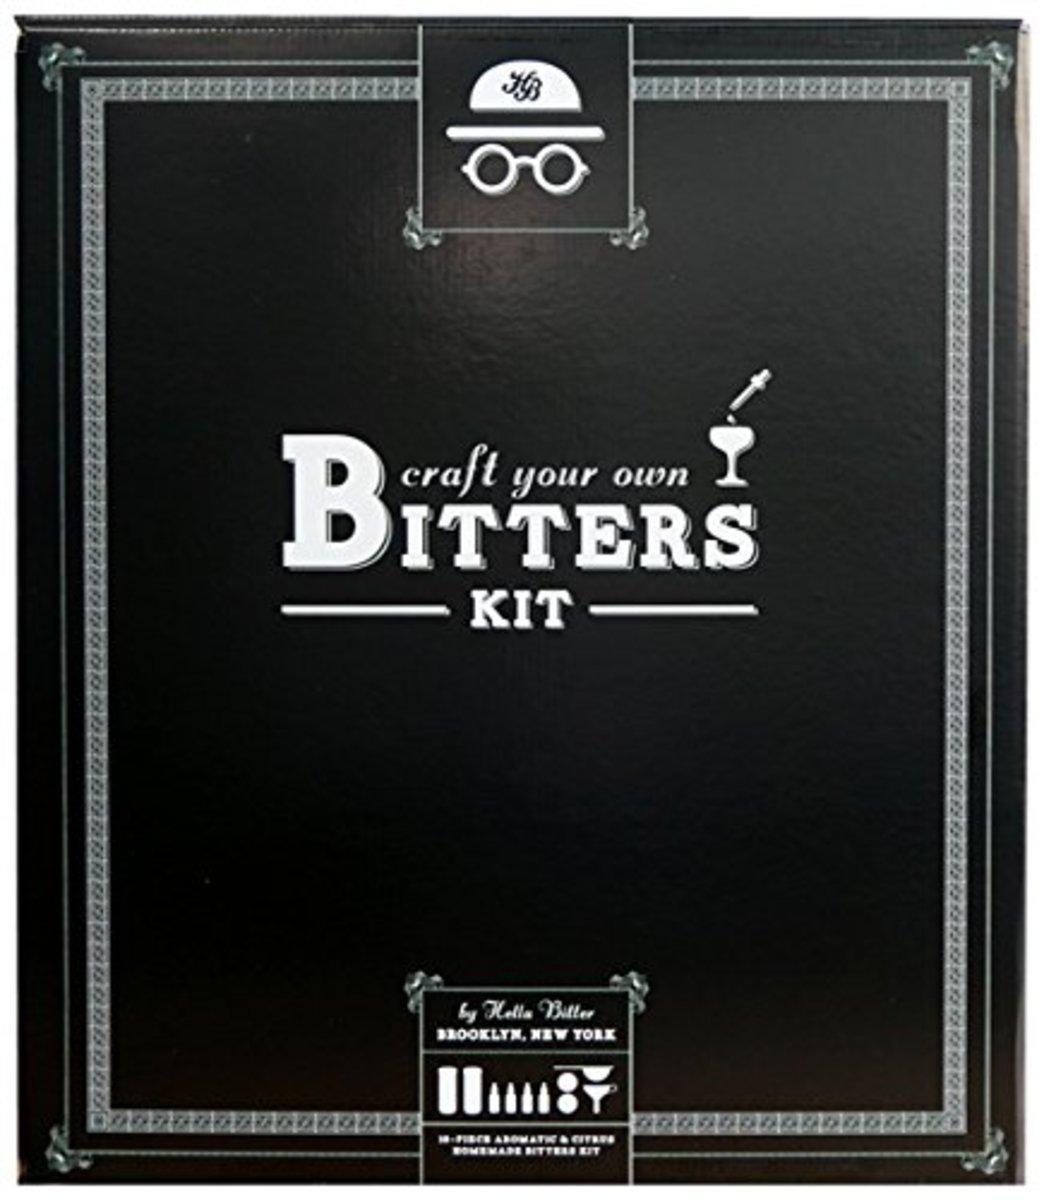 bitters kit